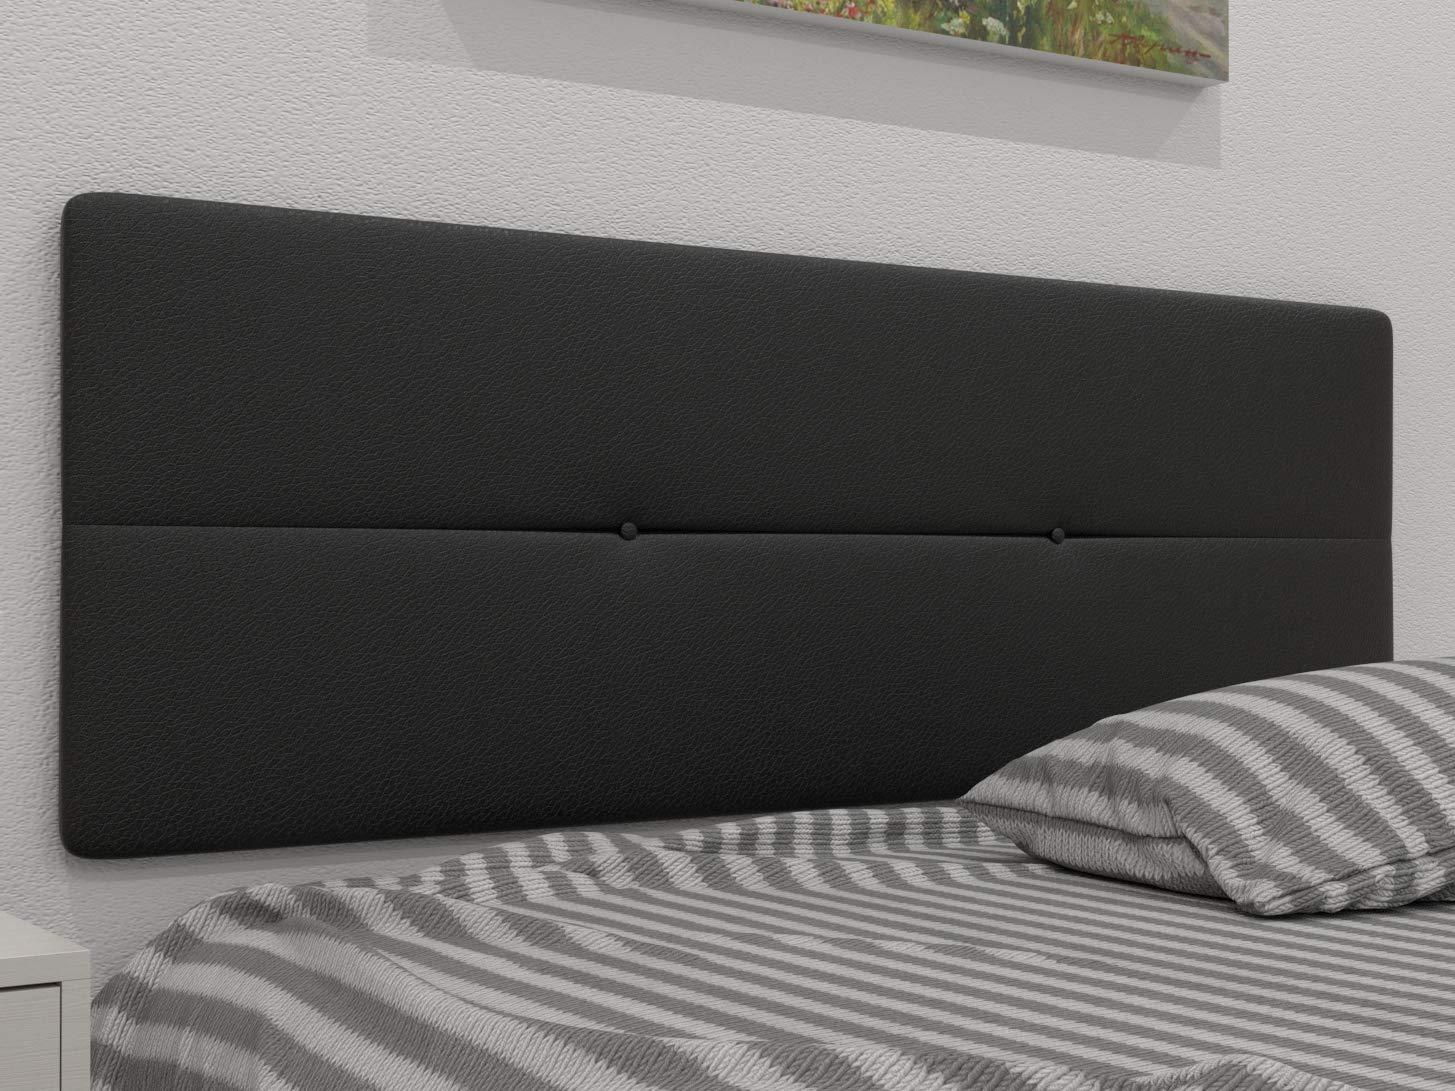 LA WEB DEL COLCHON Cabecero de Cama tapizado Acolchado Julie 145 x 55 cms. para Camas de 135 y 140 cms. Polipel Color Negro. Incluye herrajes para Colgar ...